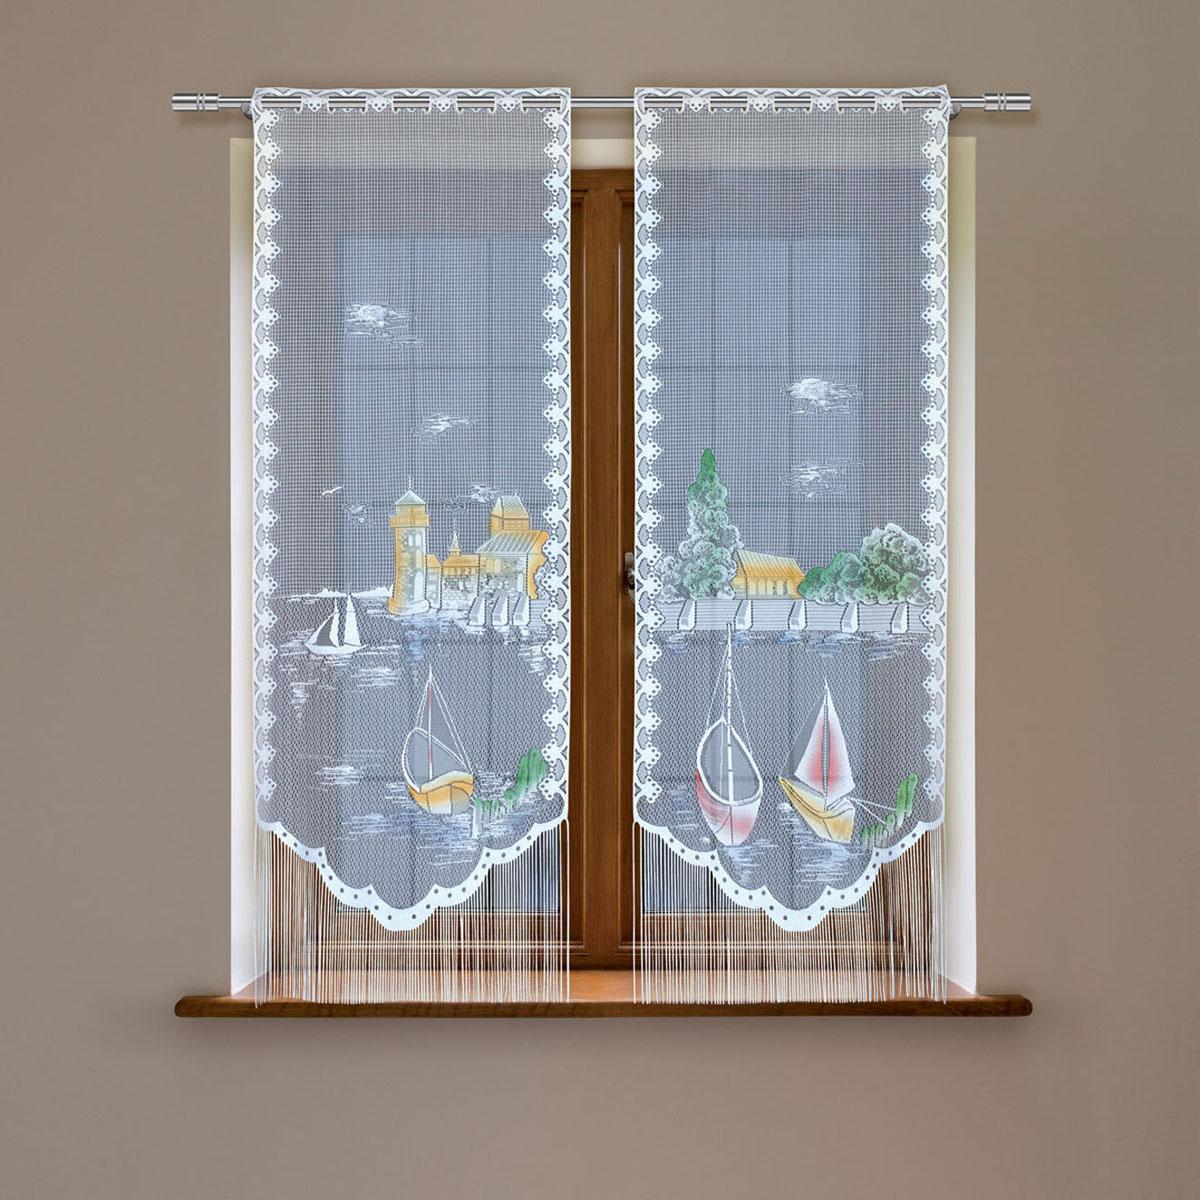 Гардина Haft, цвет: белый, высота 220 см. 5380Е/60100-49000000-60Гардина имеет в верхней части полотна прорези, через которые гардина-витраж вывешивается на карниз или можно крепить на зажим для штор,котрый в комплект не входит.Комплект состоит из двух полотен (выс.220* шир.60) Размеры: (высота 220* ширина 60)*2